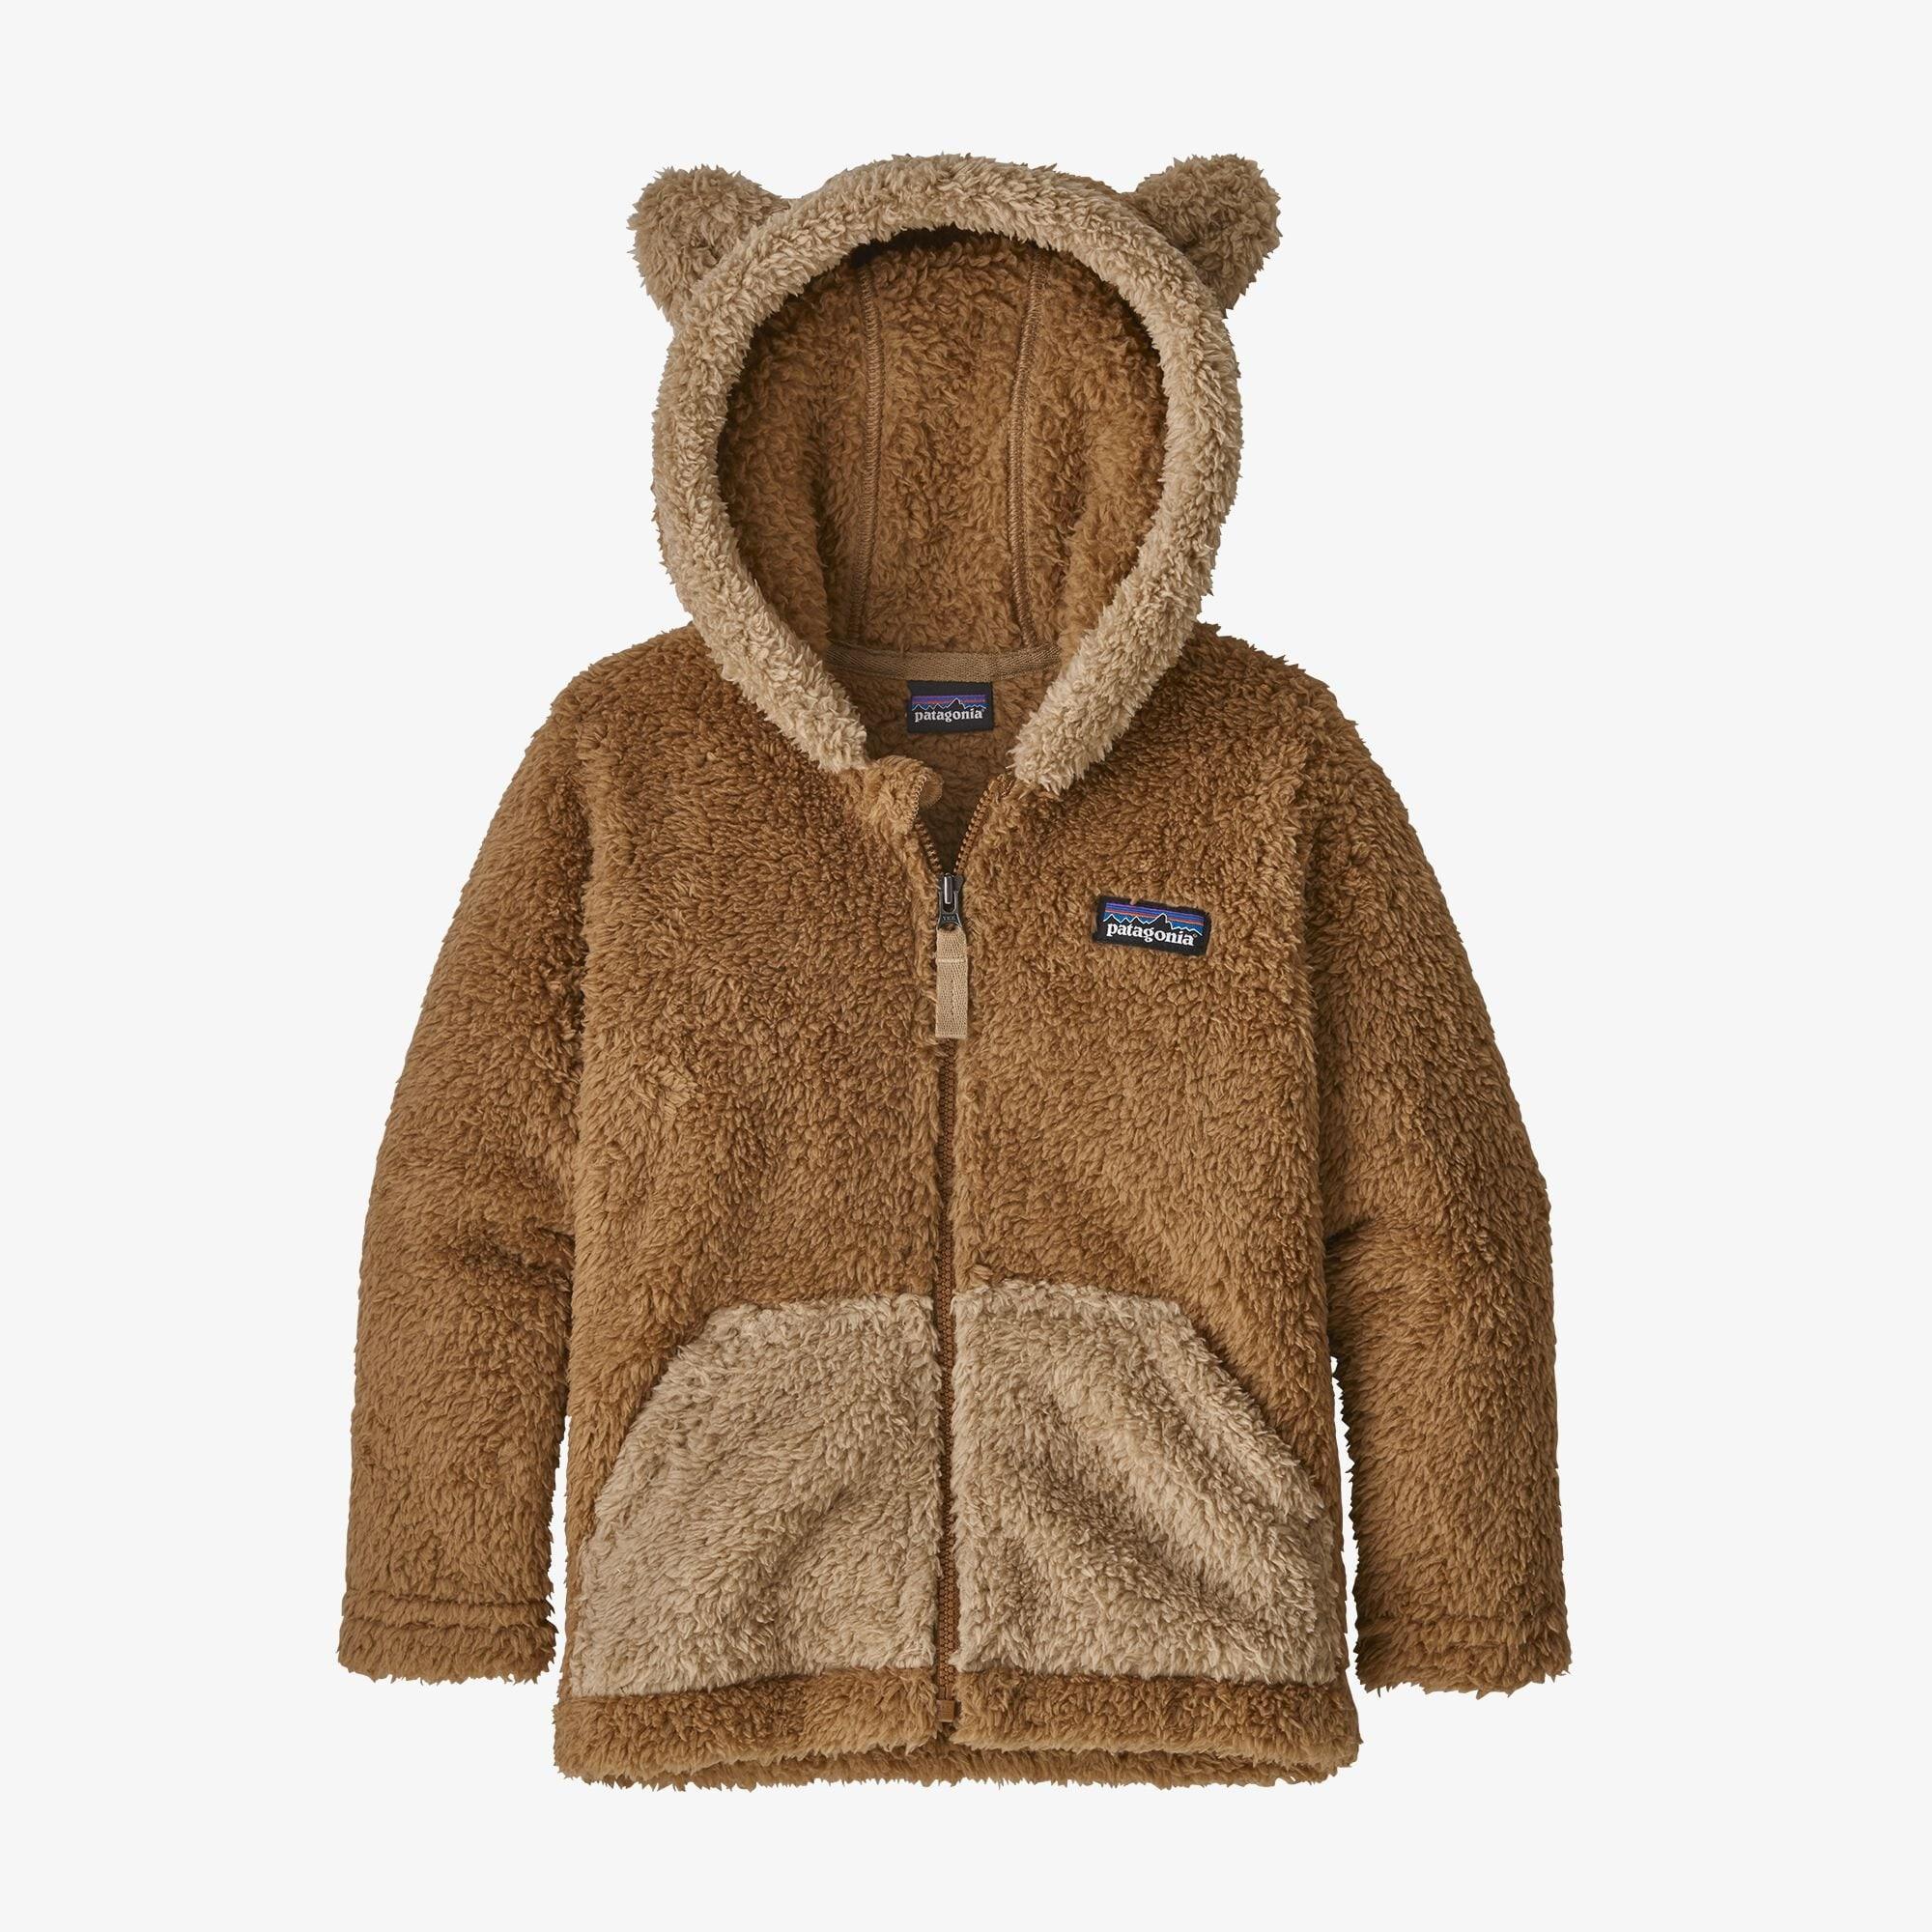 Patagonia Baby Furry Friends Hoody